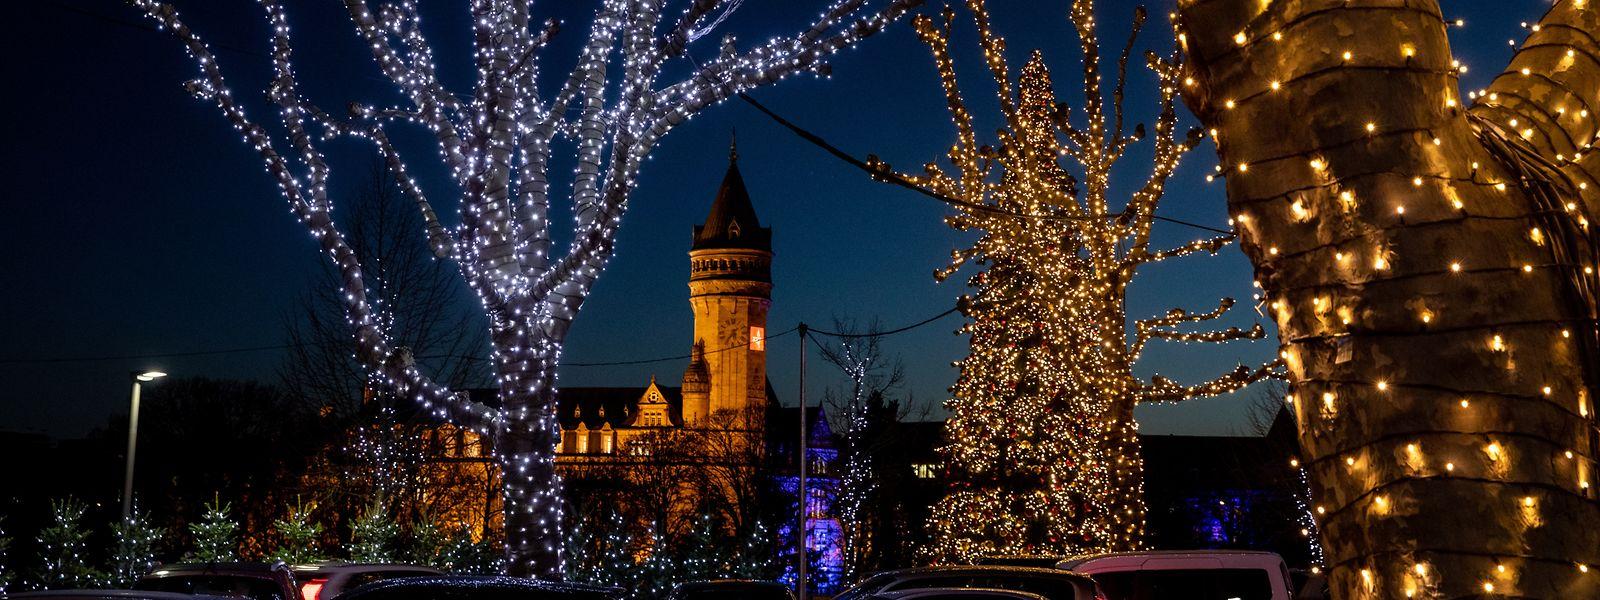 Auf der Place de la Constitution wurden die bestehenden Bäume mit Lichterketten verhüllt.